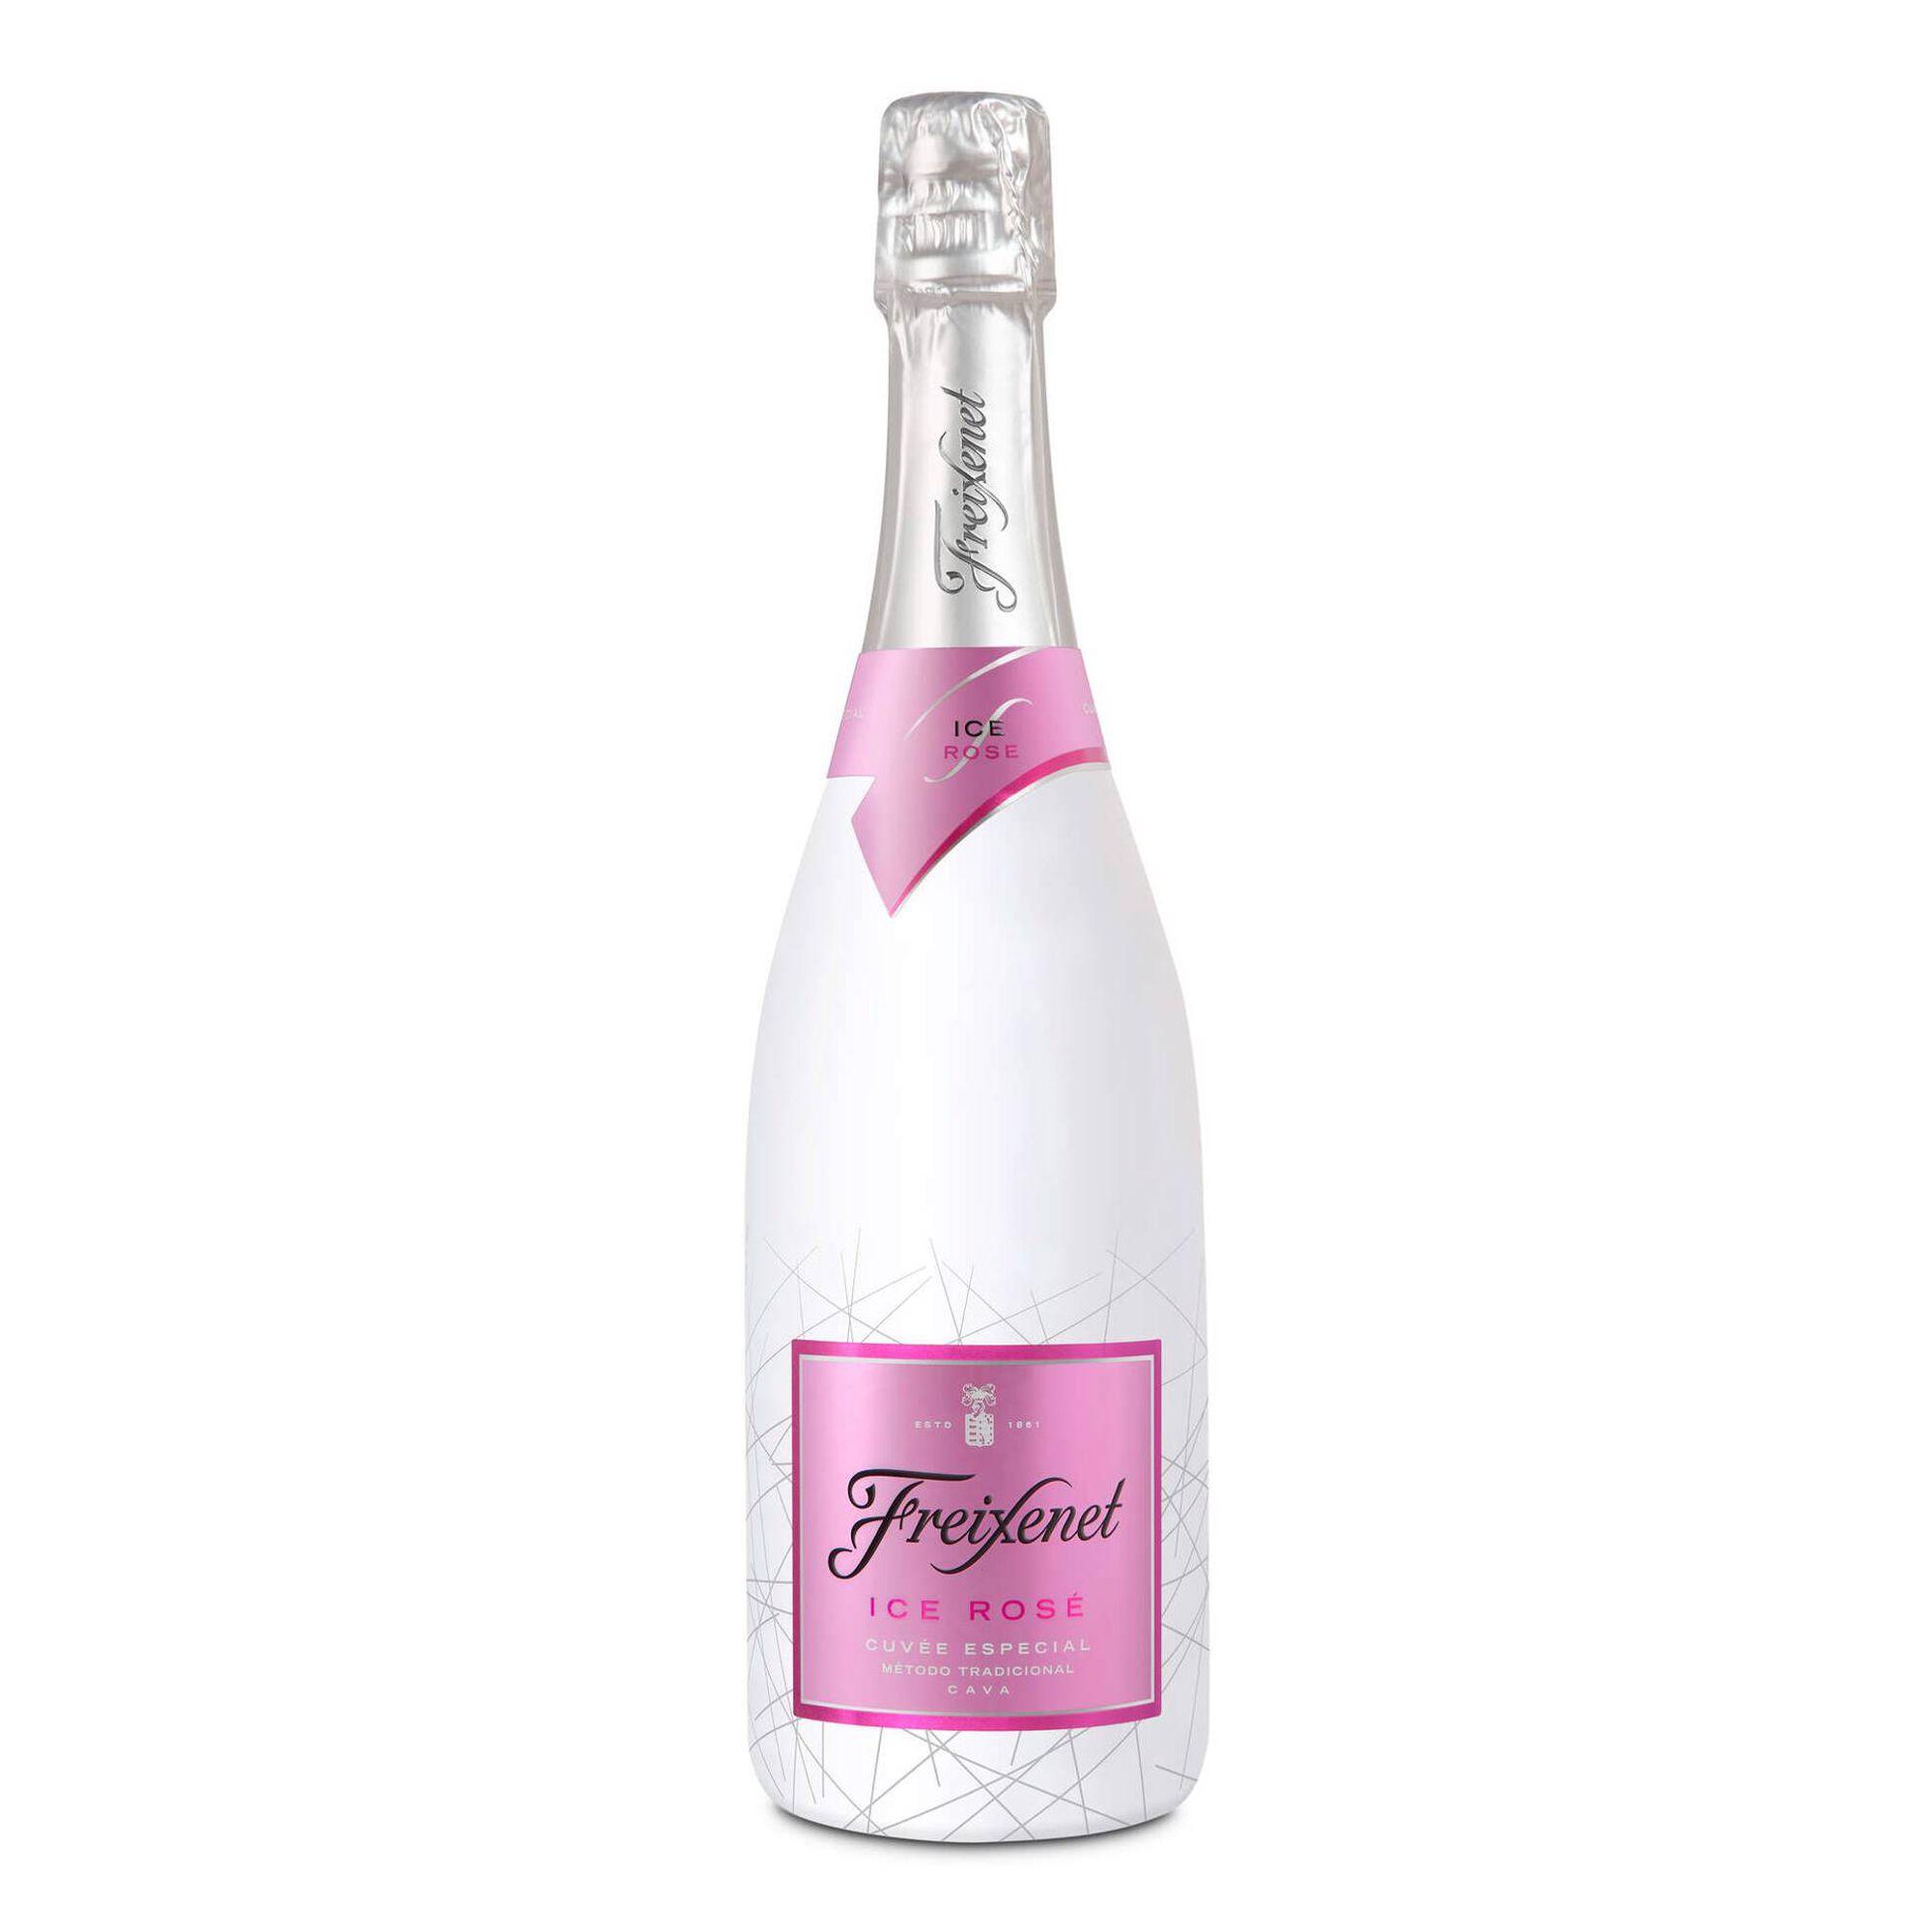 Freixenet Espumante Ice Rosé Meio Seco